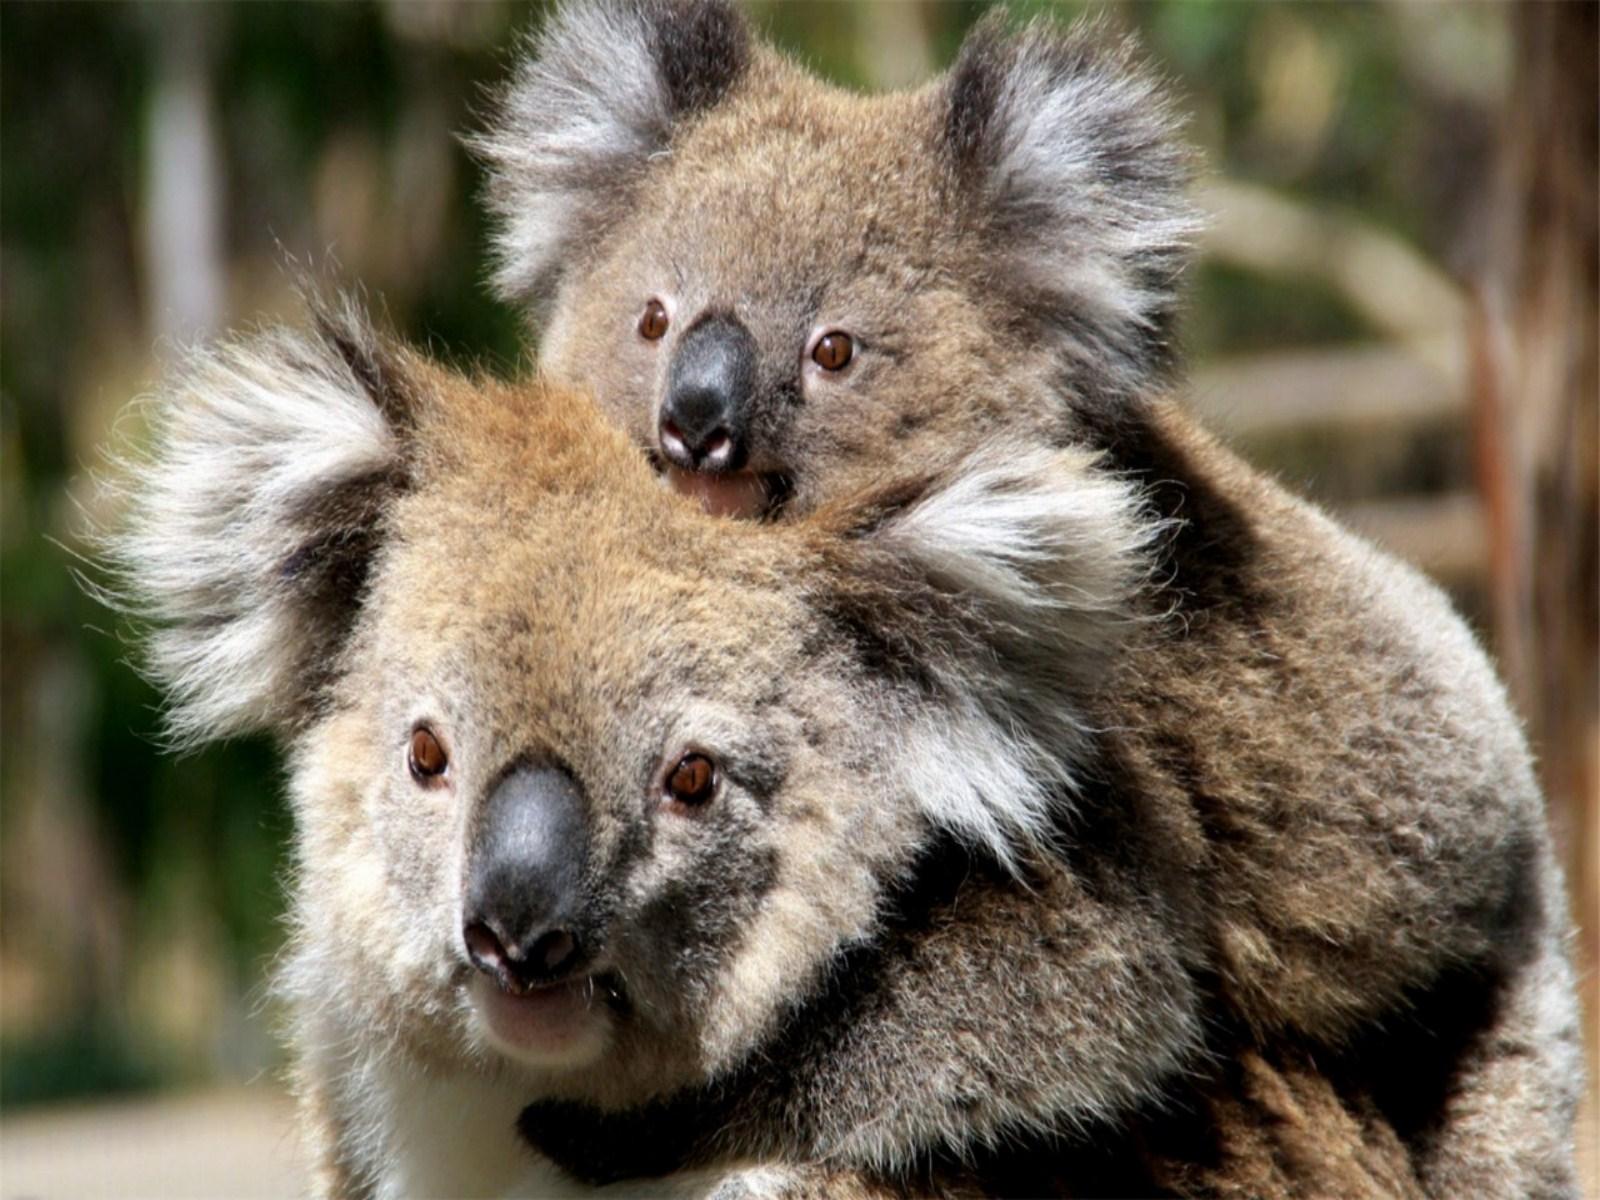 Drawn red panda koala Adorable koala HD paper Wallpapers